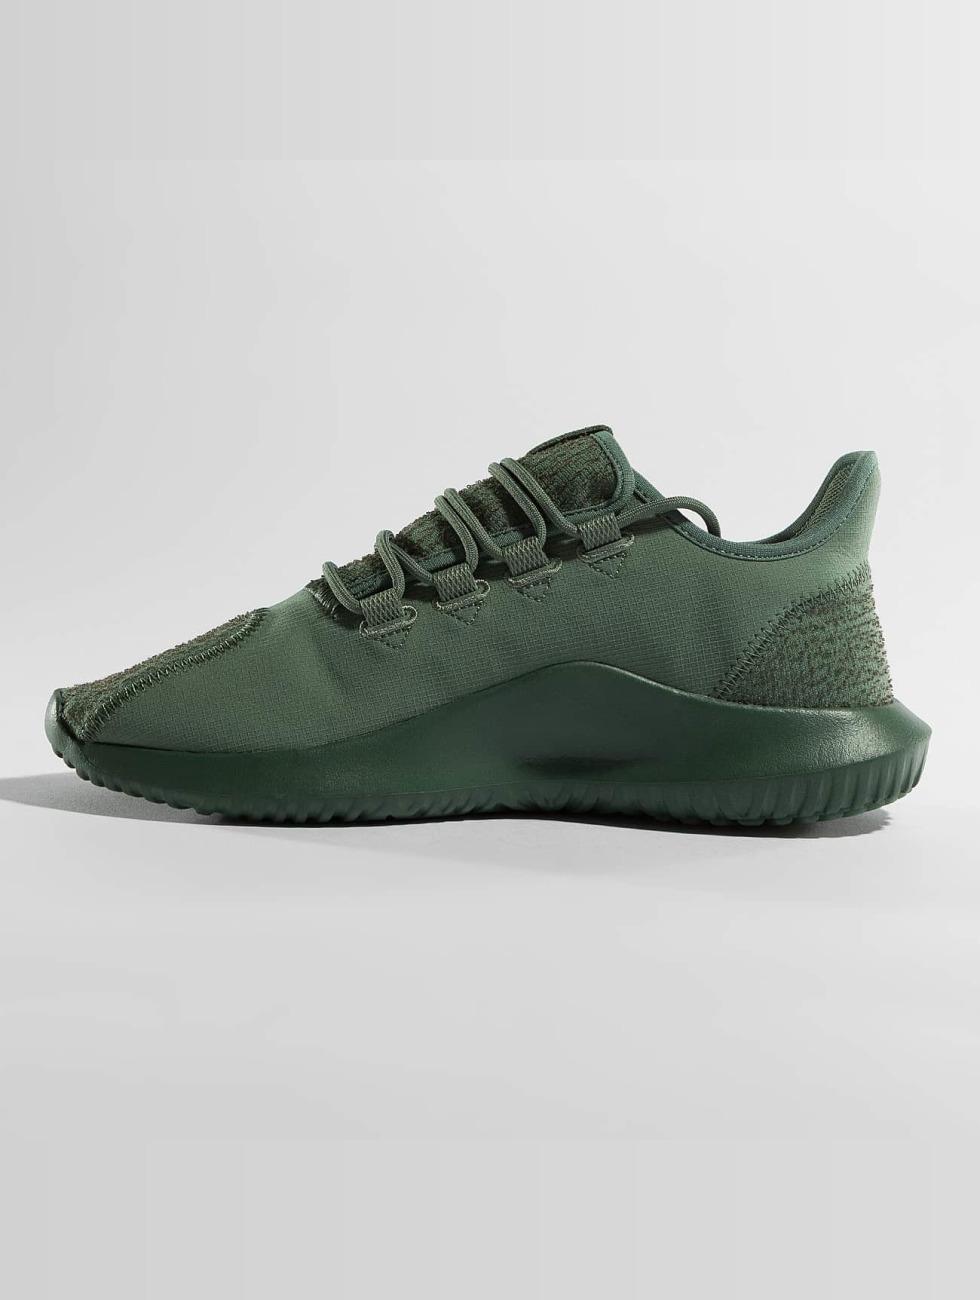 Adidas Originals Sko / Joggesko Rørformet Skygge I Grønn 359 575 Utforske Billig Pris OR0b3CO